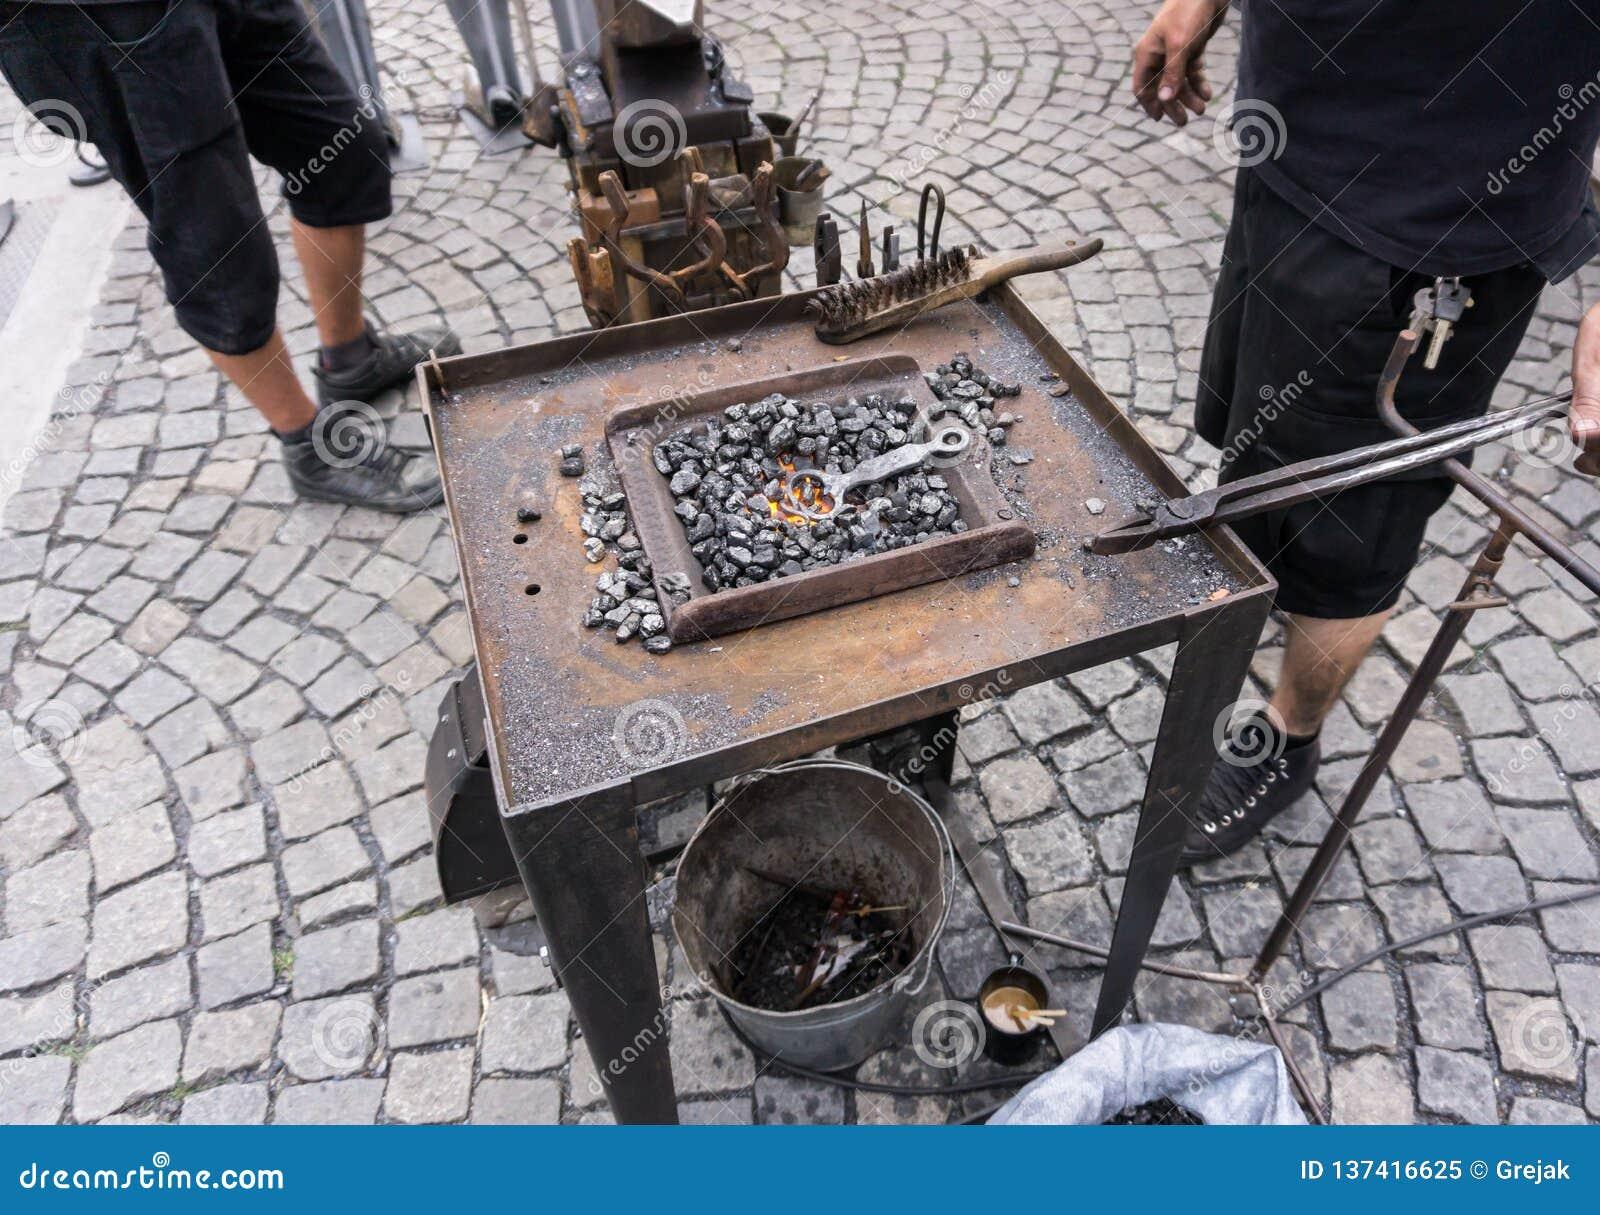 Yunque de la mano de los hummers herramientas del herrero todo en la fragua lista para forjar